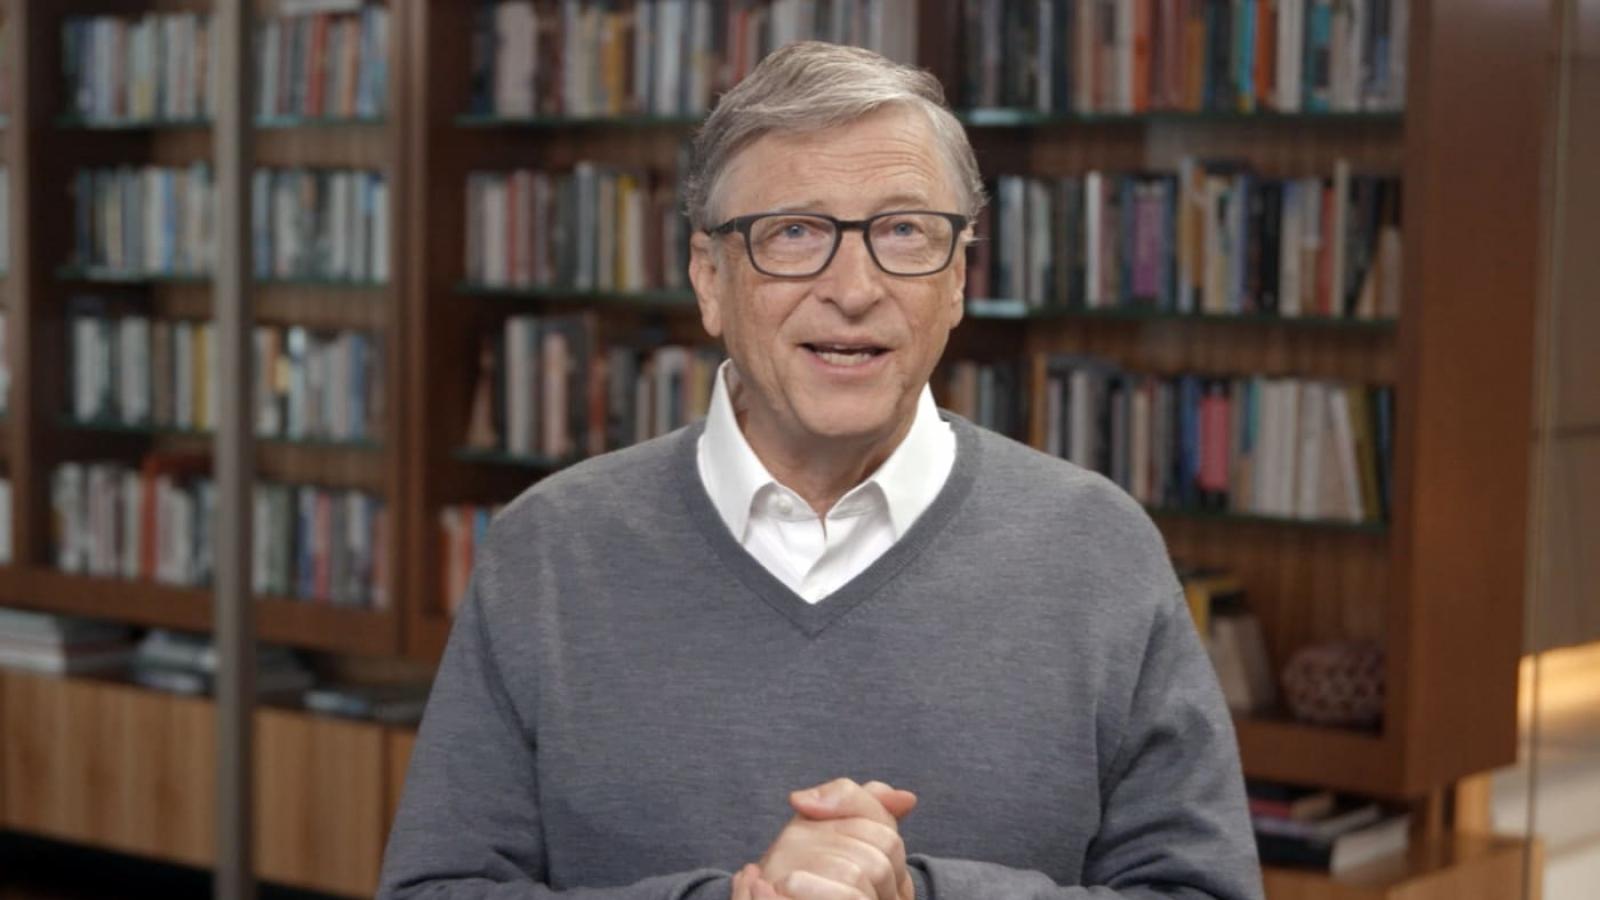 Tỷ phú Bill Gates nói về sự khác biệt giữa Elon Musk và Steve Jobs